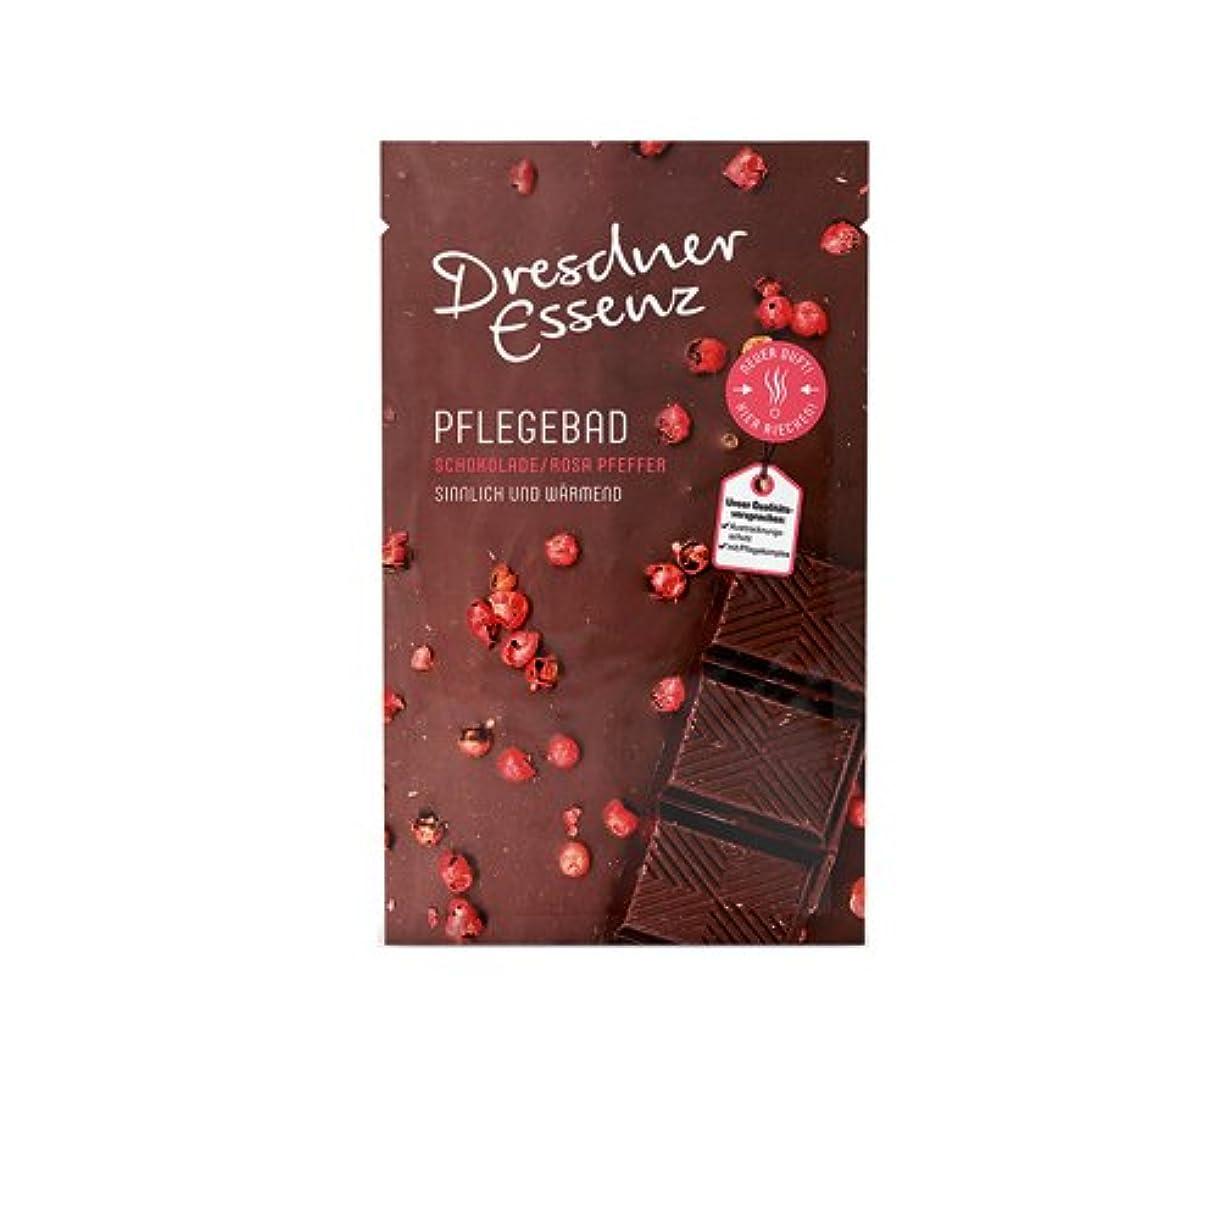 キャロライン第二に想像するドレスナーエッセンス バスエッセンス チョコレートピンクペッパー《正規輸入品》